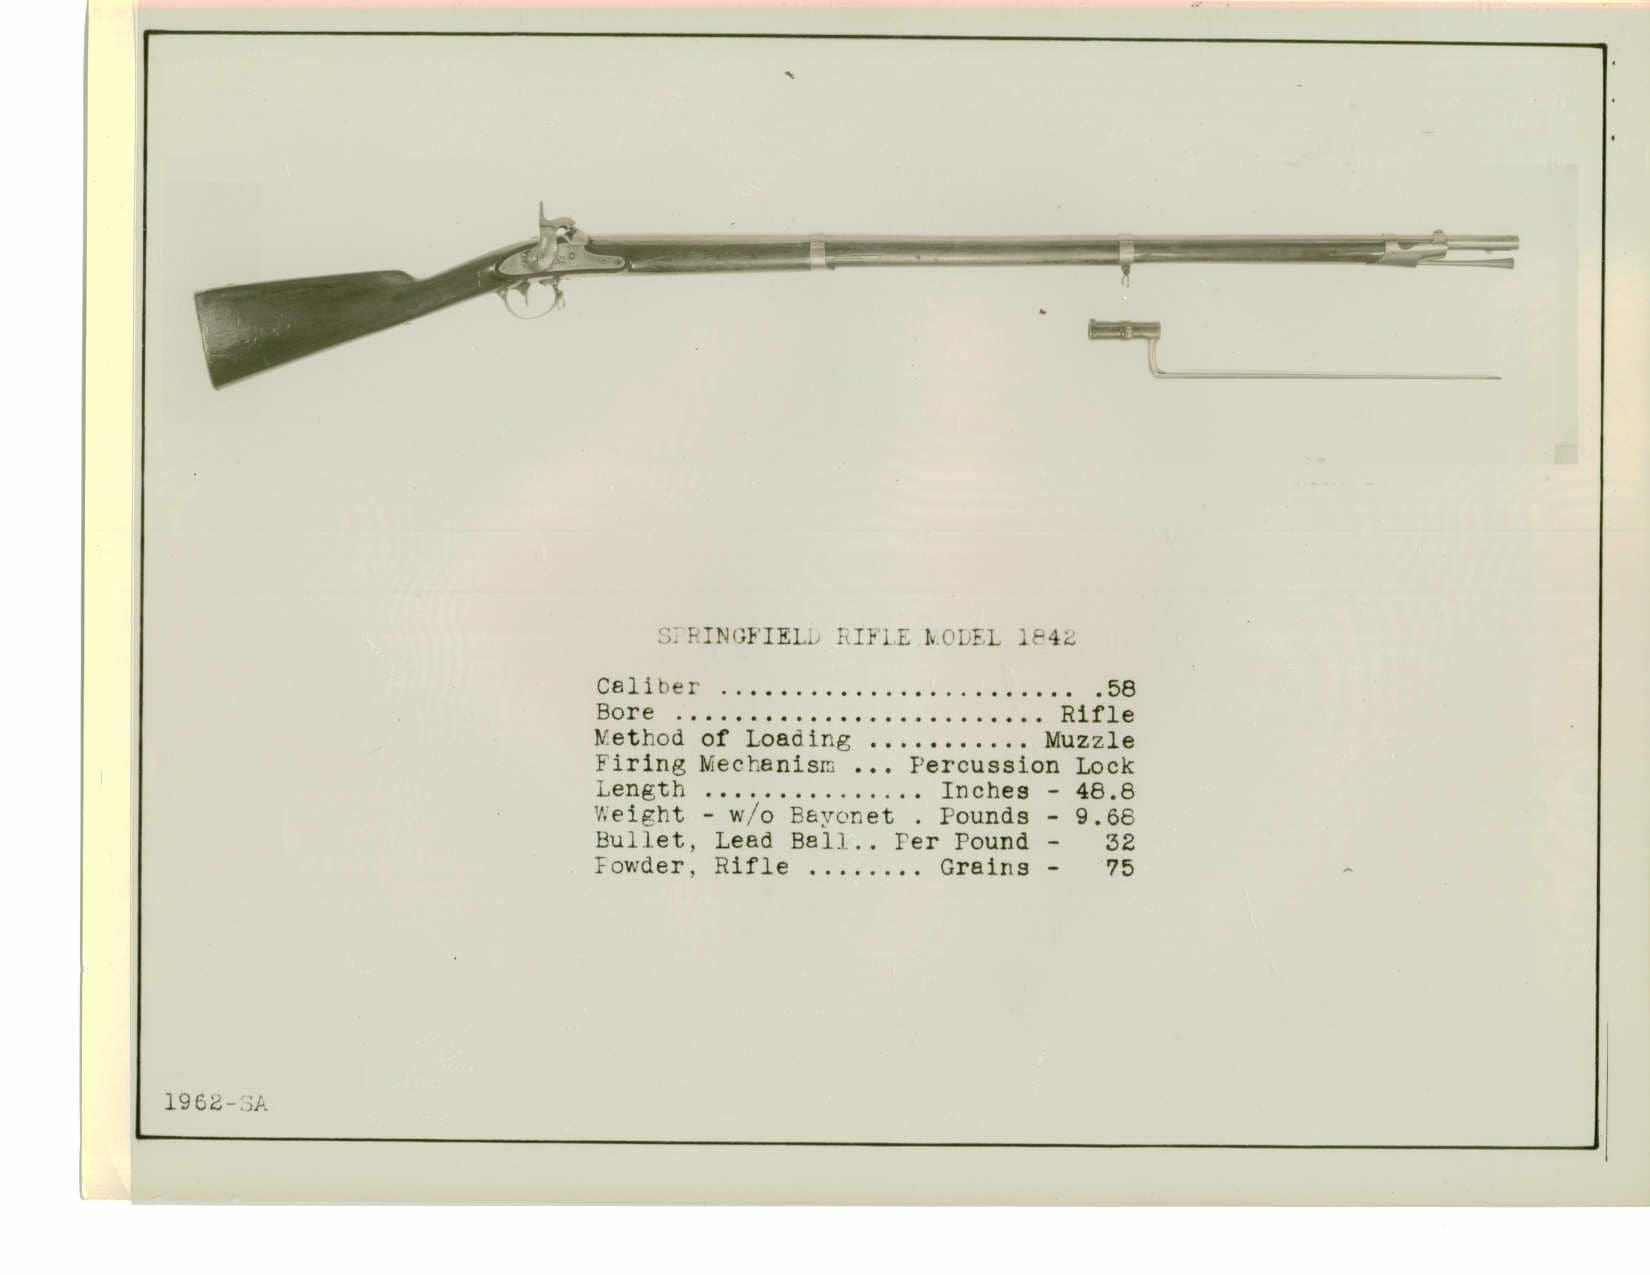 Springfield rifled musket 1842 percussion lock 1962-SA.A.1